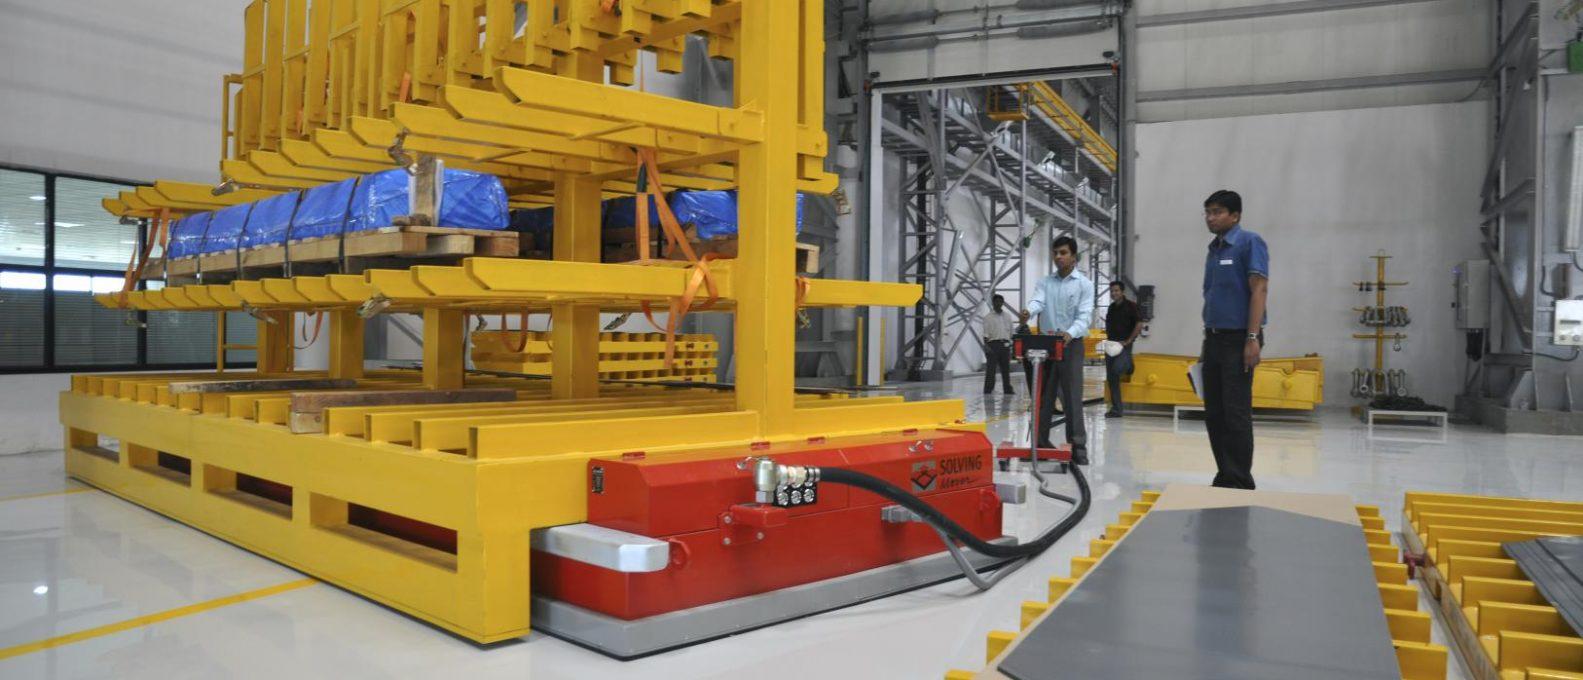 solving-italia-movimentazione-industria-elettrotecnica-pesante-trasformatori-pesanti-transformer-transportation-Solving-Mover-impianti-automazione-industriale-soluzioni-alta-qualita-automazione-industriale-sistema-trasporto-preciso-flessibile-sicuro-pulito-sollevamento-tecnologia-a-cuscino-d-aria-air-cushion-navette-filoguidate-laser-guidate-a-guida-manuale-a-navigazione-naturale-AGV